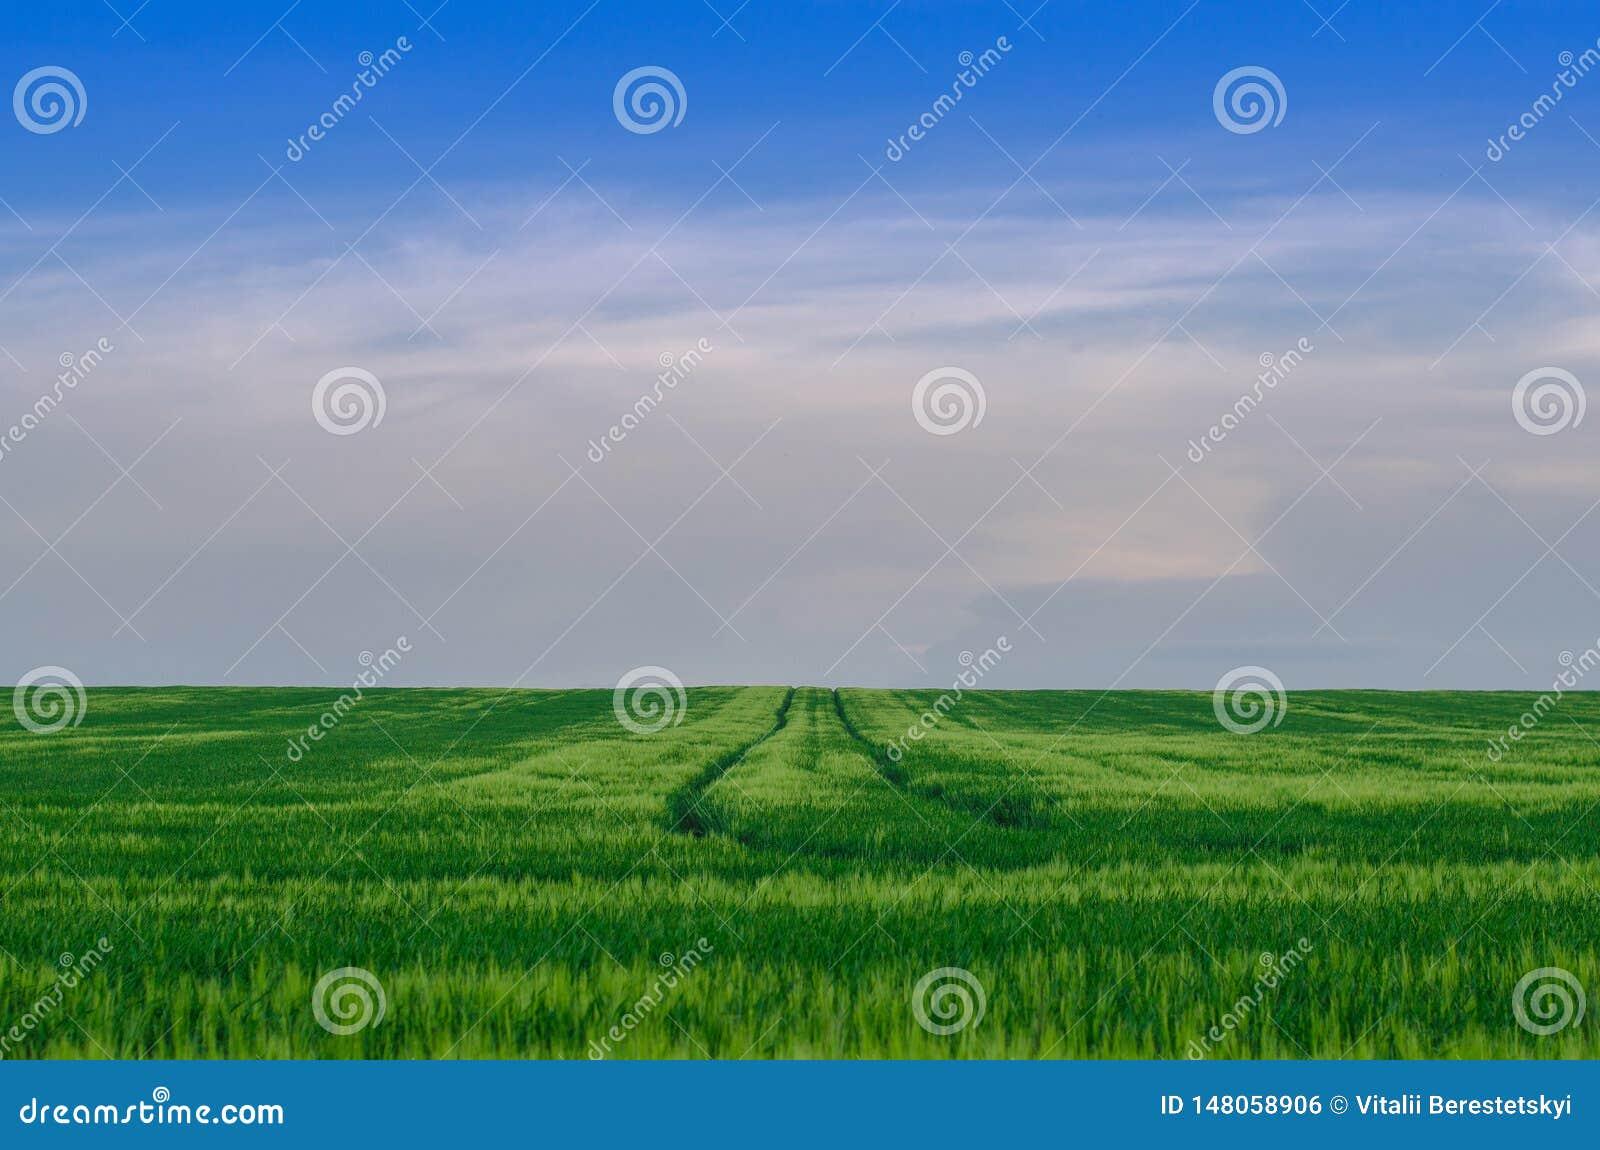 Wheat field, Ukraine